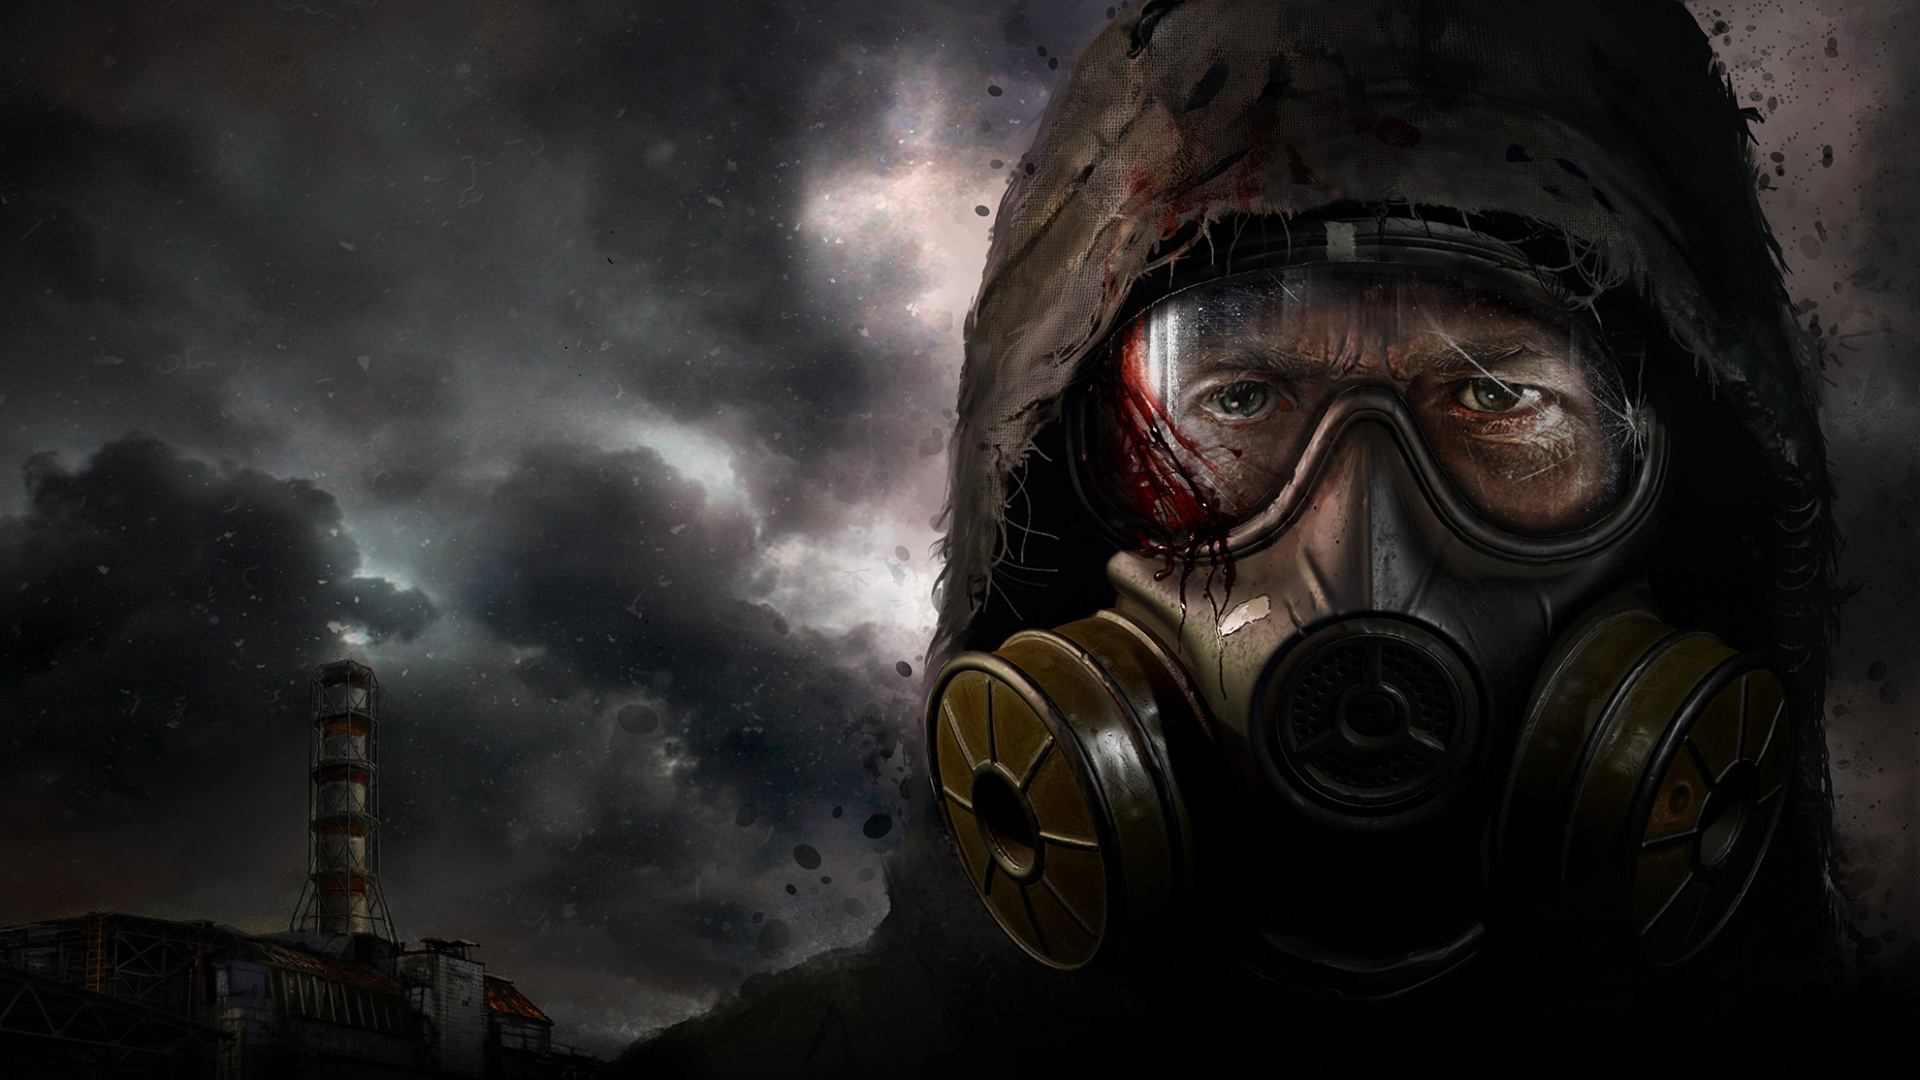 Утечка: S.T.A.L.K.E.R.2 выйдет в конце 2021 года и будет3 месяца эксклюзивом Xbox